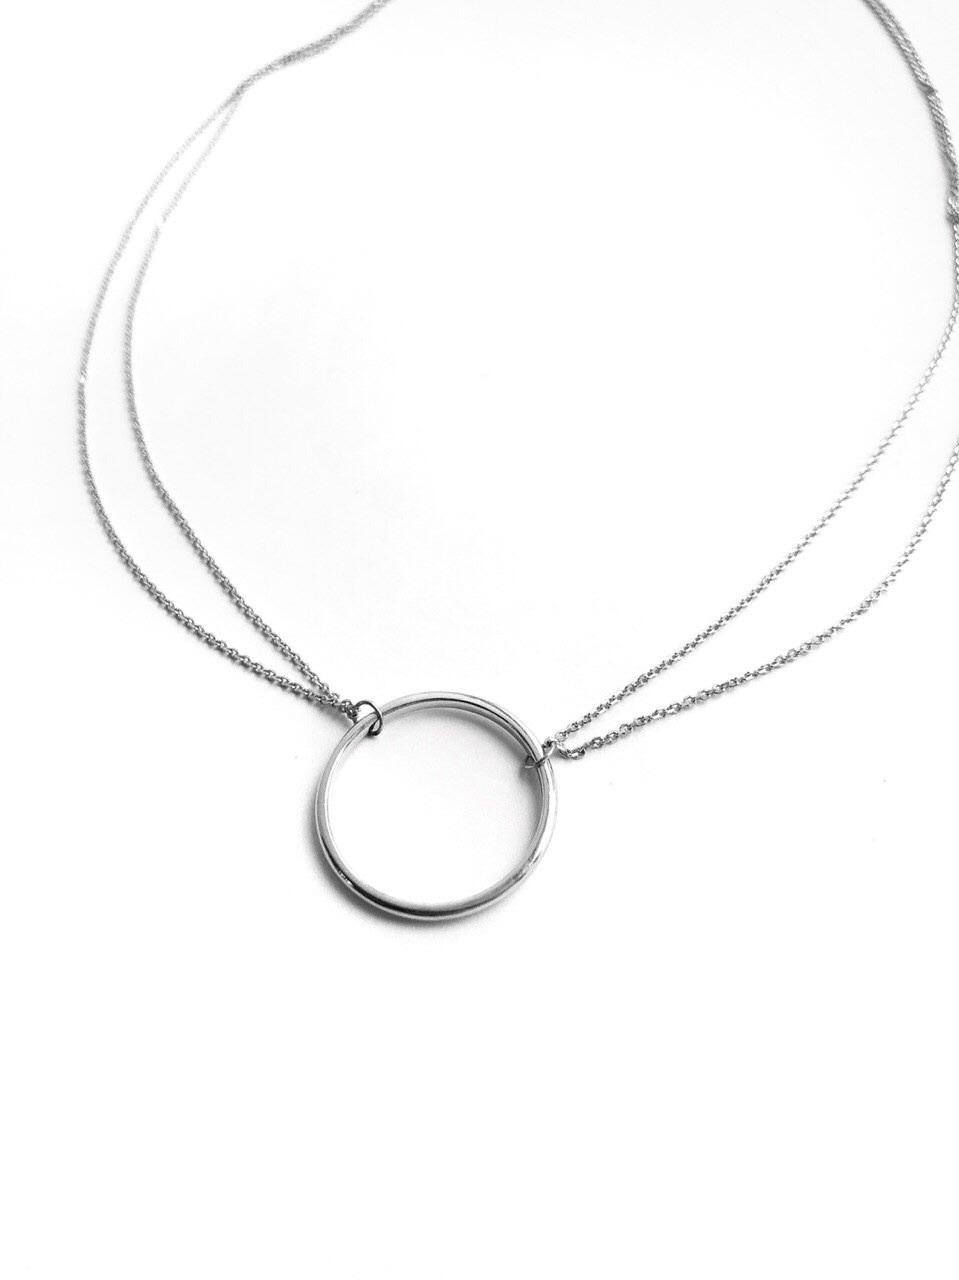 Серебряное двойное колье с кольцом, 20 мм